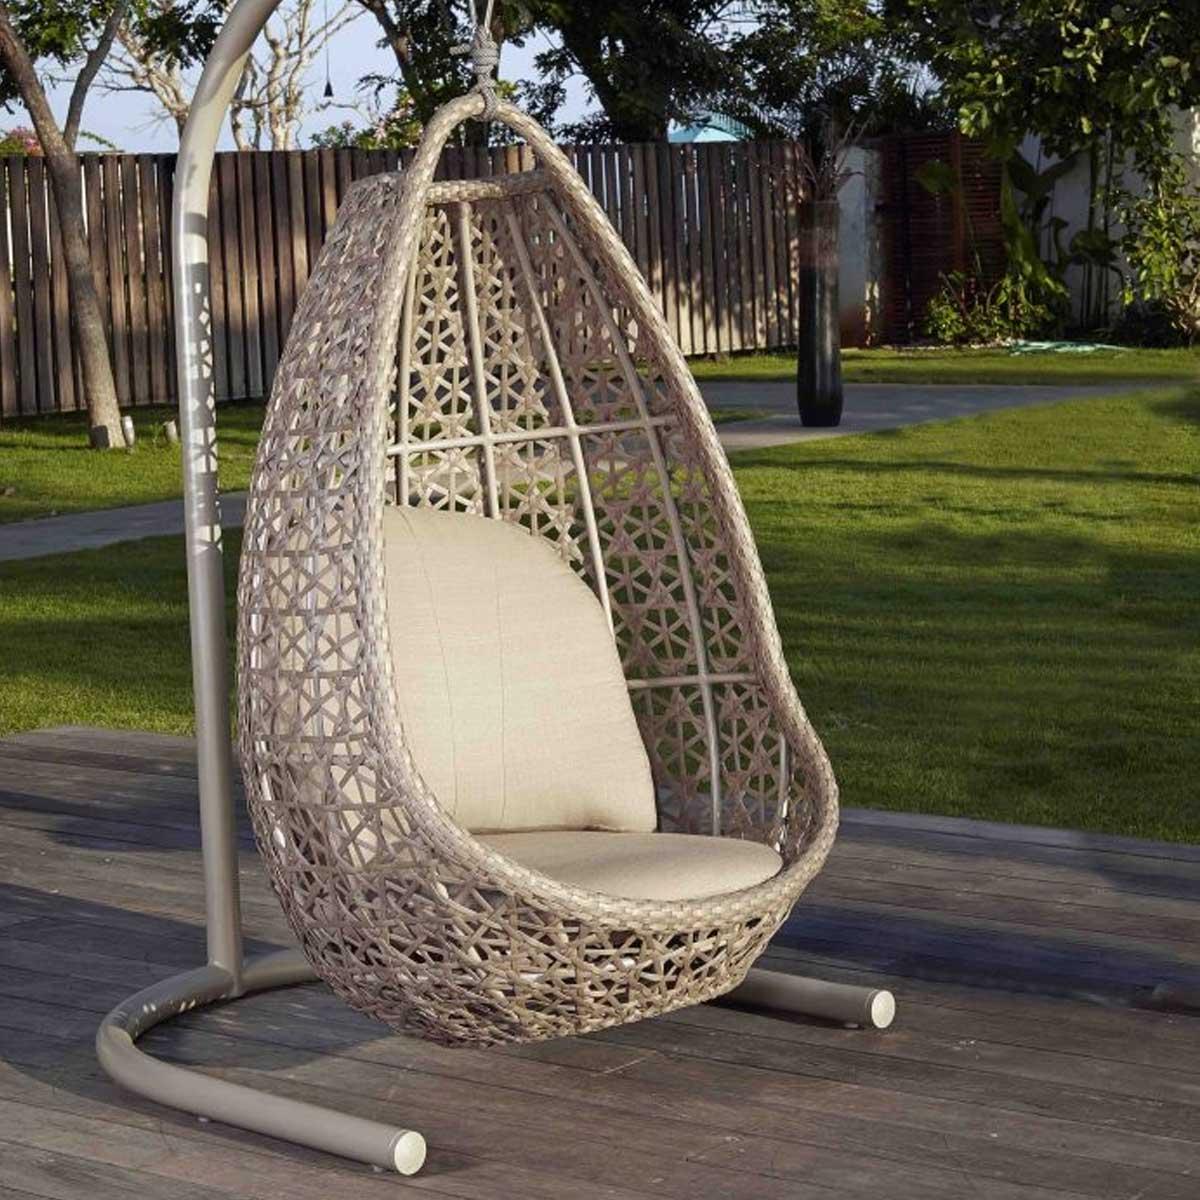 skyline design journey outdoor hanging chair